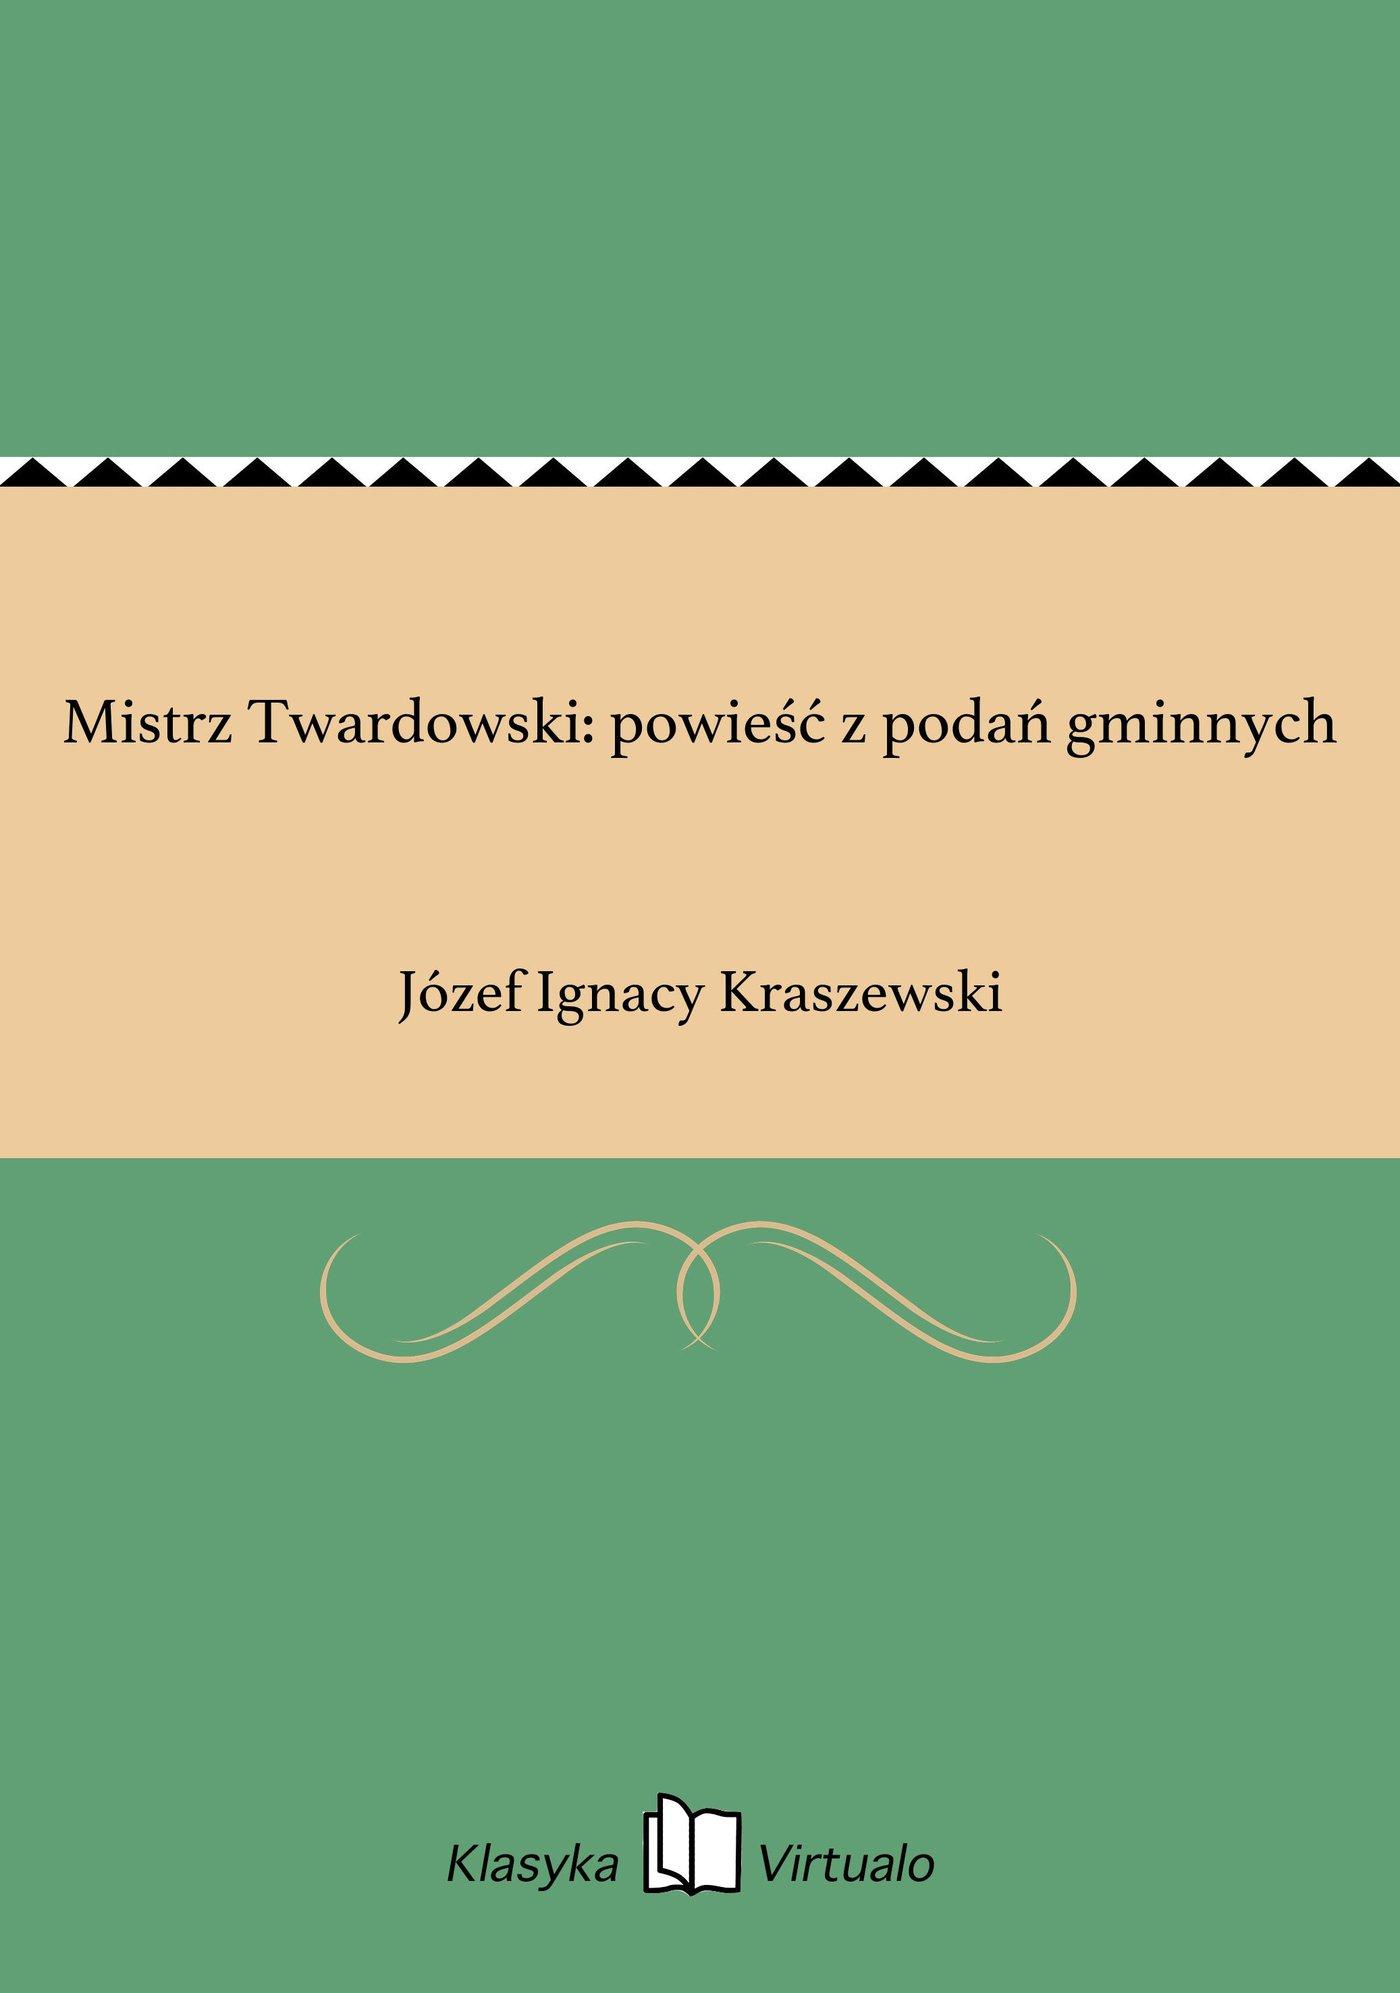 Mistrz Twardowski: powieść z podań gminnych - Ebook (Książka EPUB) do pobrania w formacie EPUB